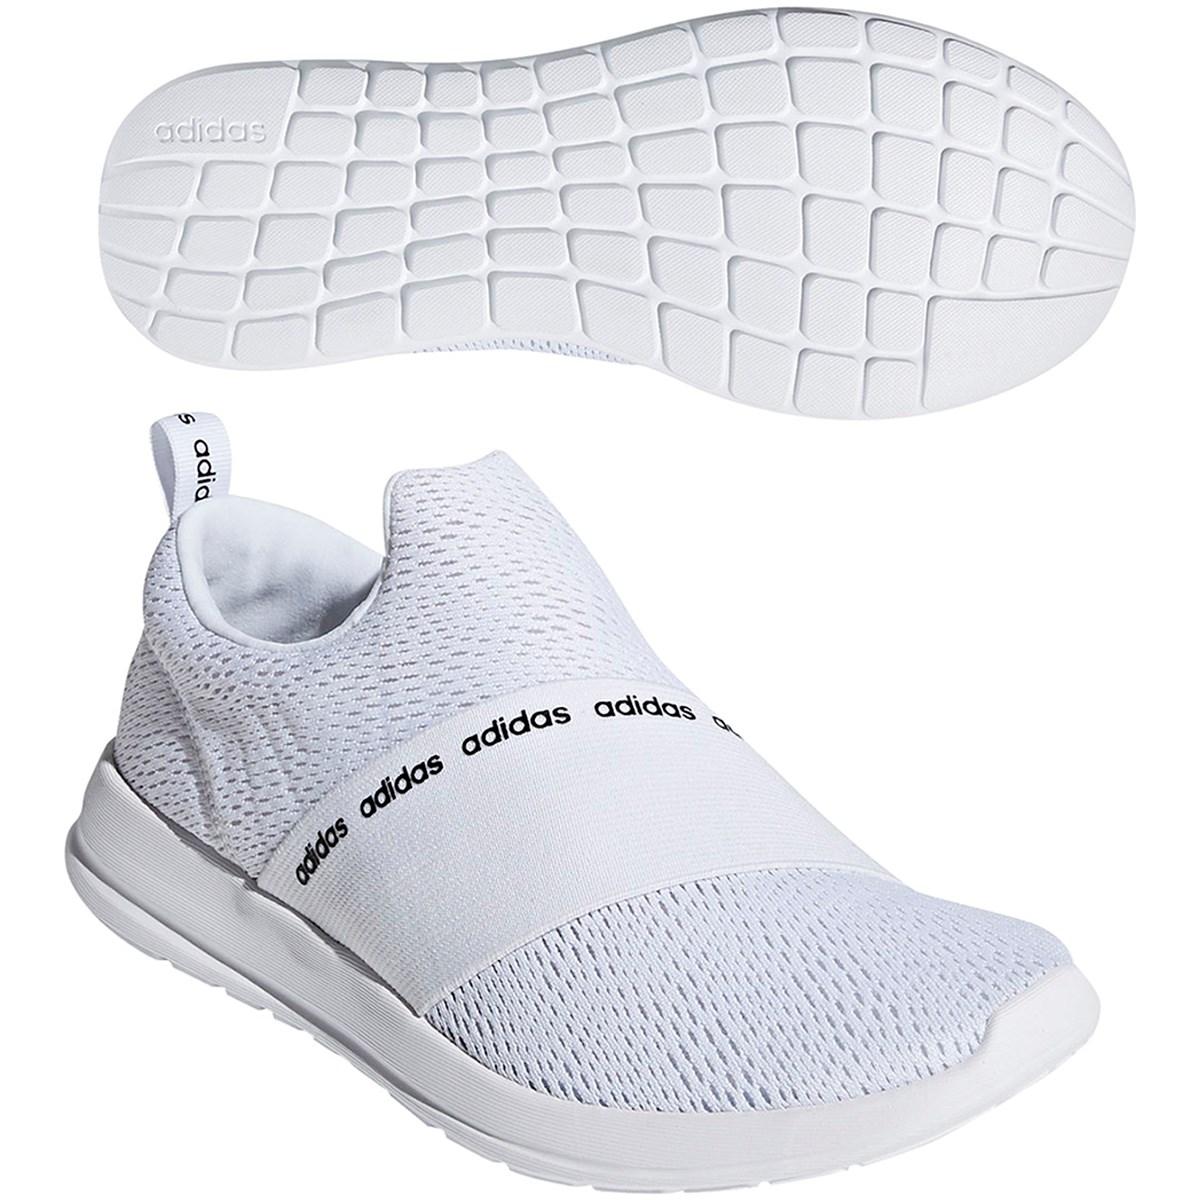 アディダス(adidas) クラウドフォーム アディファイン アダプト シューズレディス